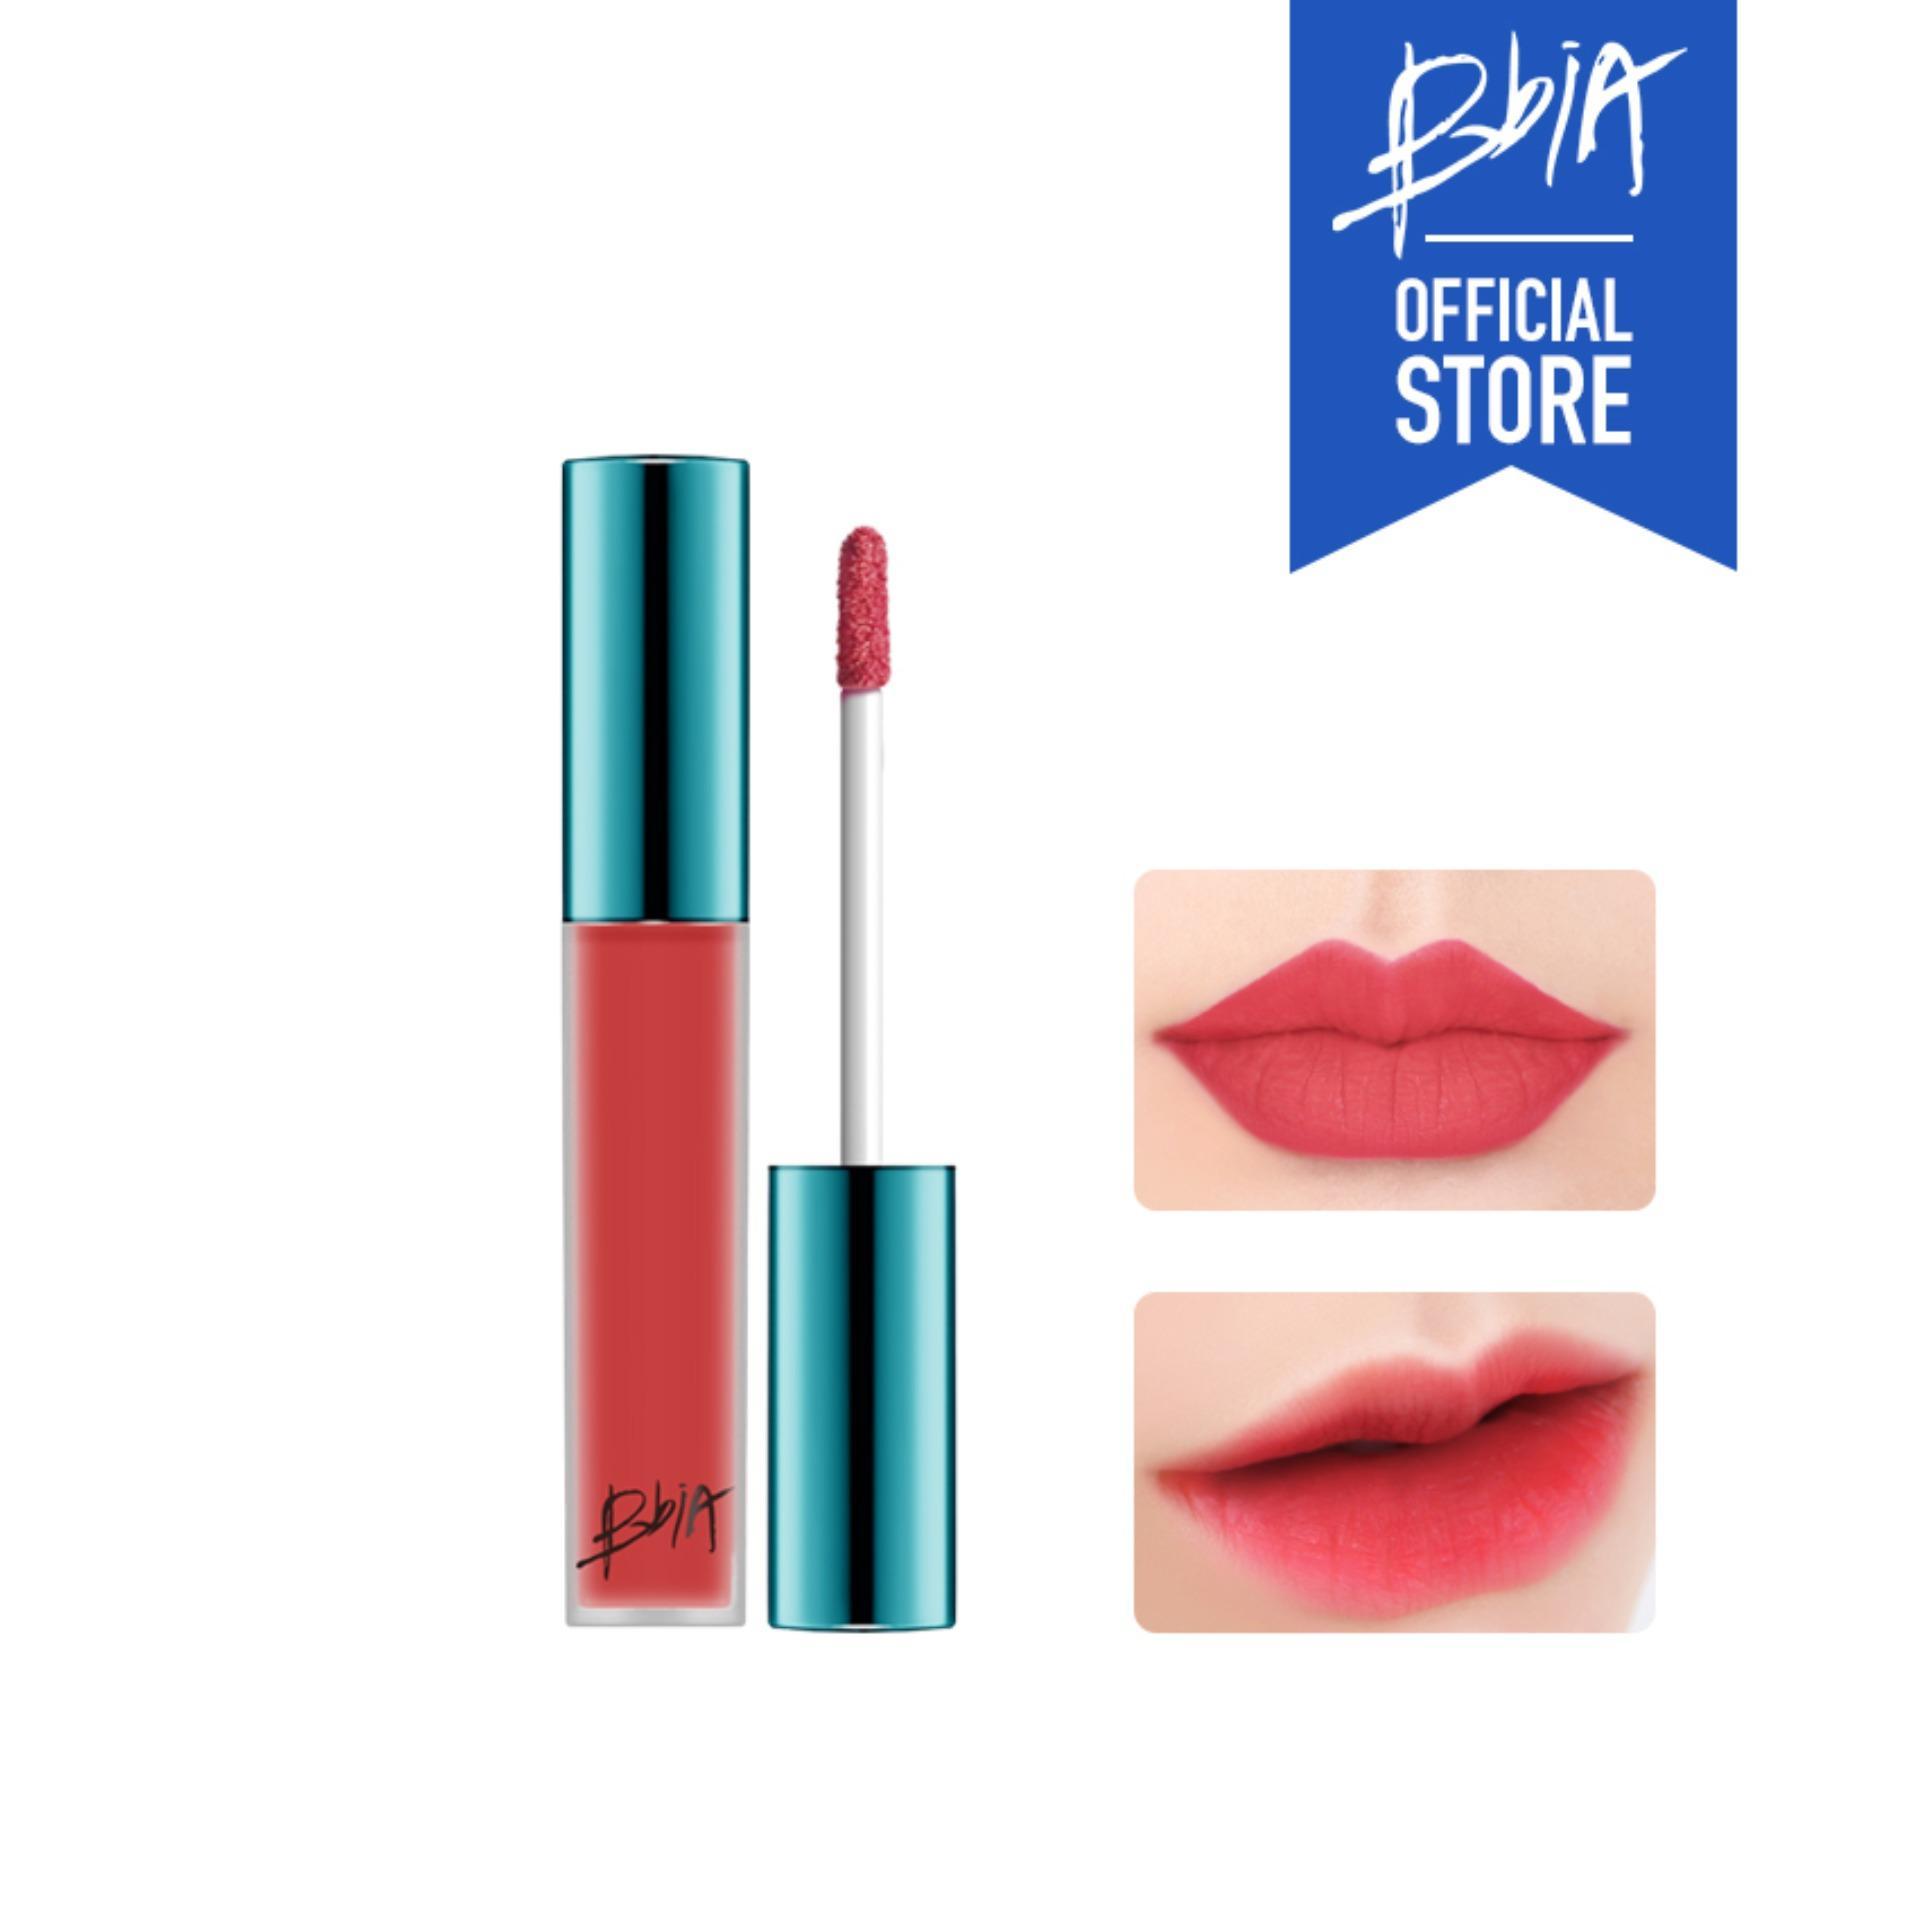 Son kem lì Bbia Last Velvet Lip Tint Version 1 (có chọn màu) tốt nhất